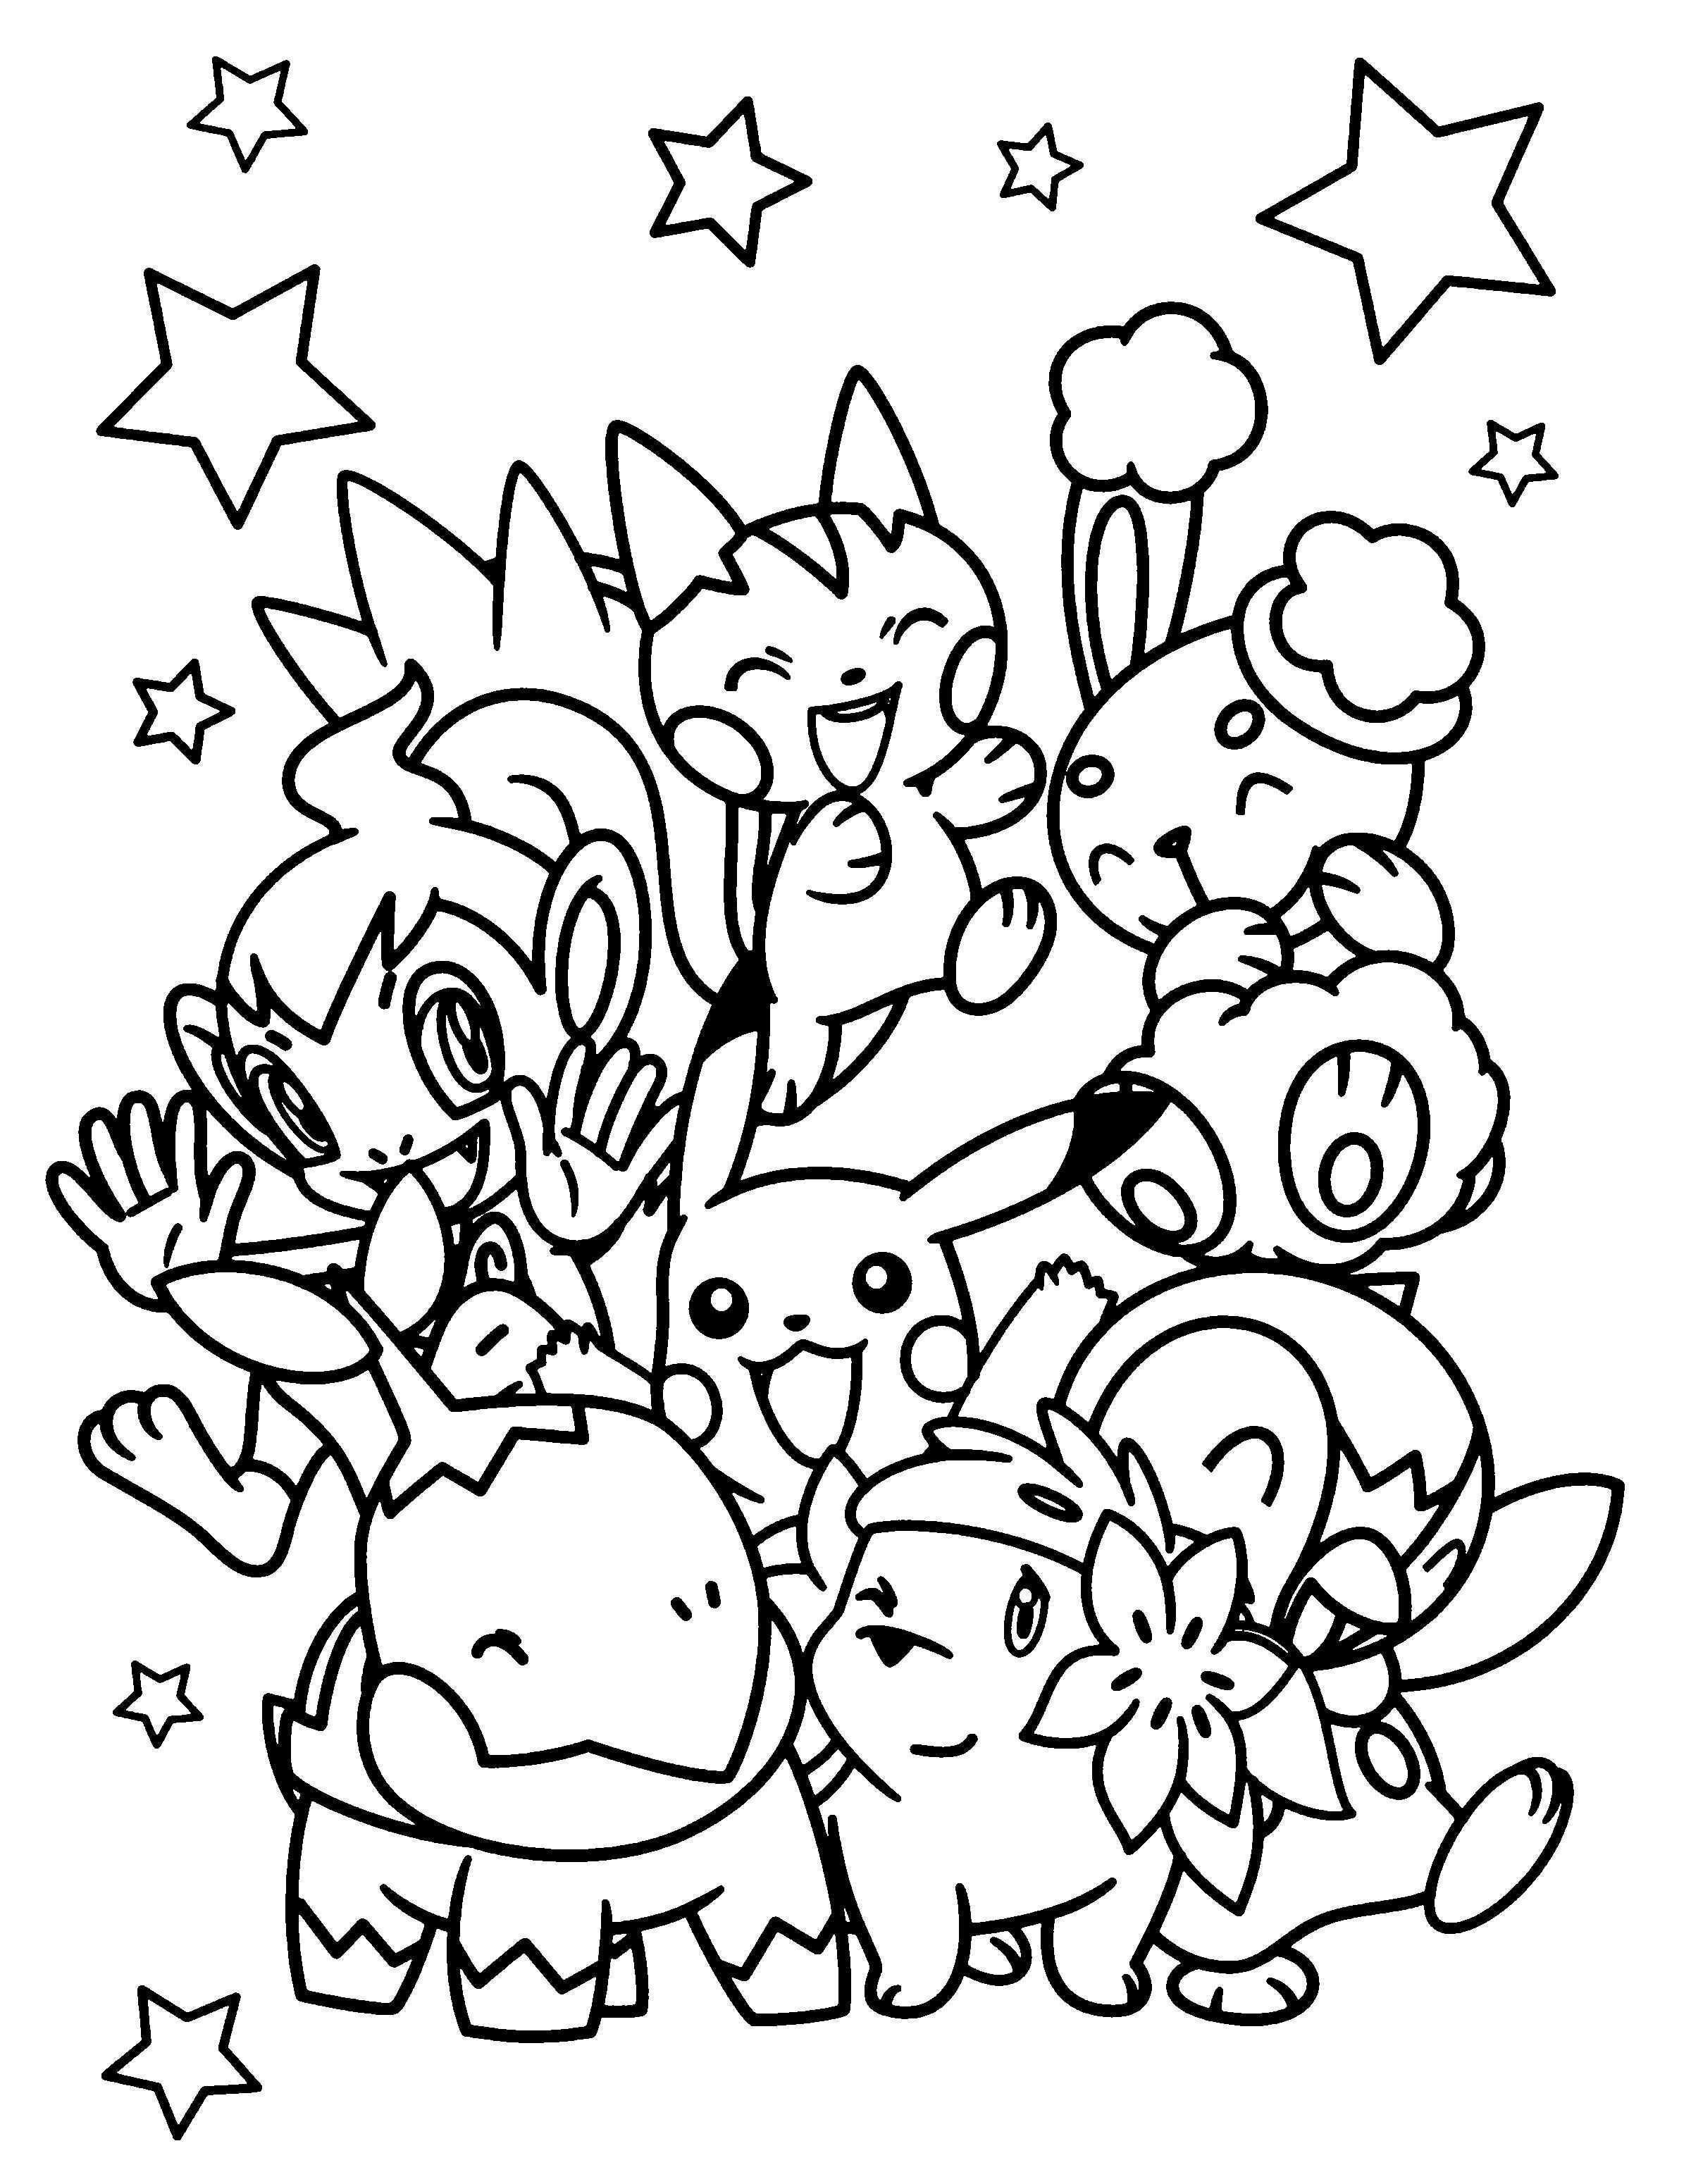 Kleurplaat Wat Een Pokemons Gratis Kleurplaten Kleurplaten Pokemon